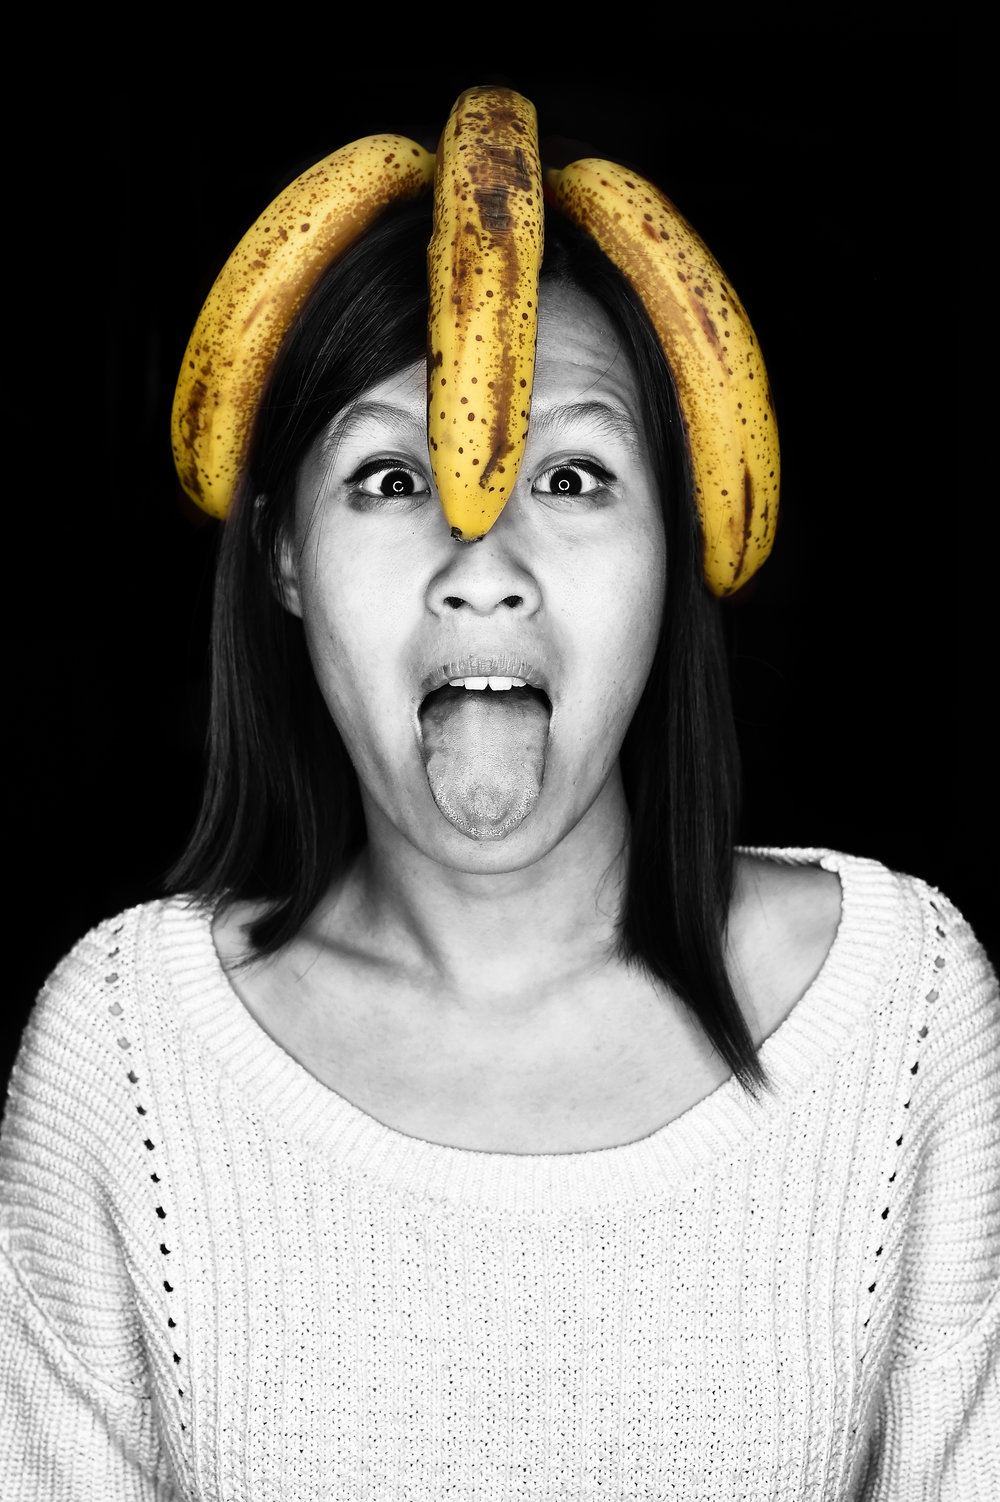 16C_0499-Kat-Banana-1-1.jpg